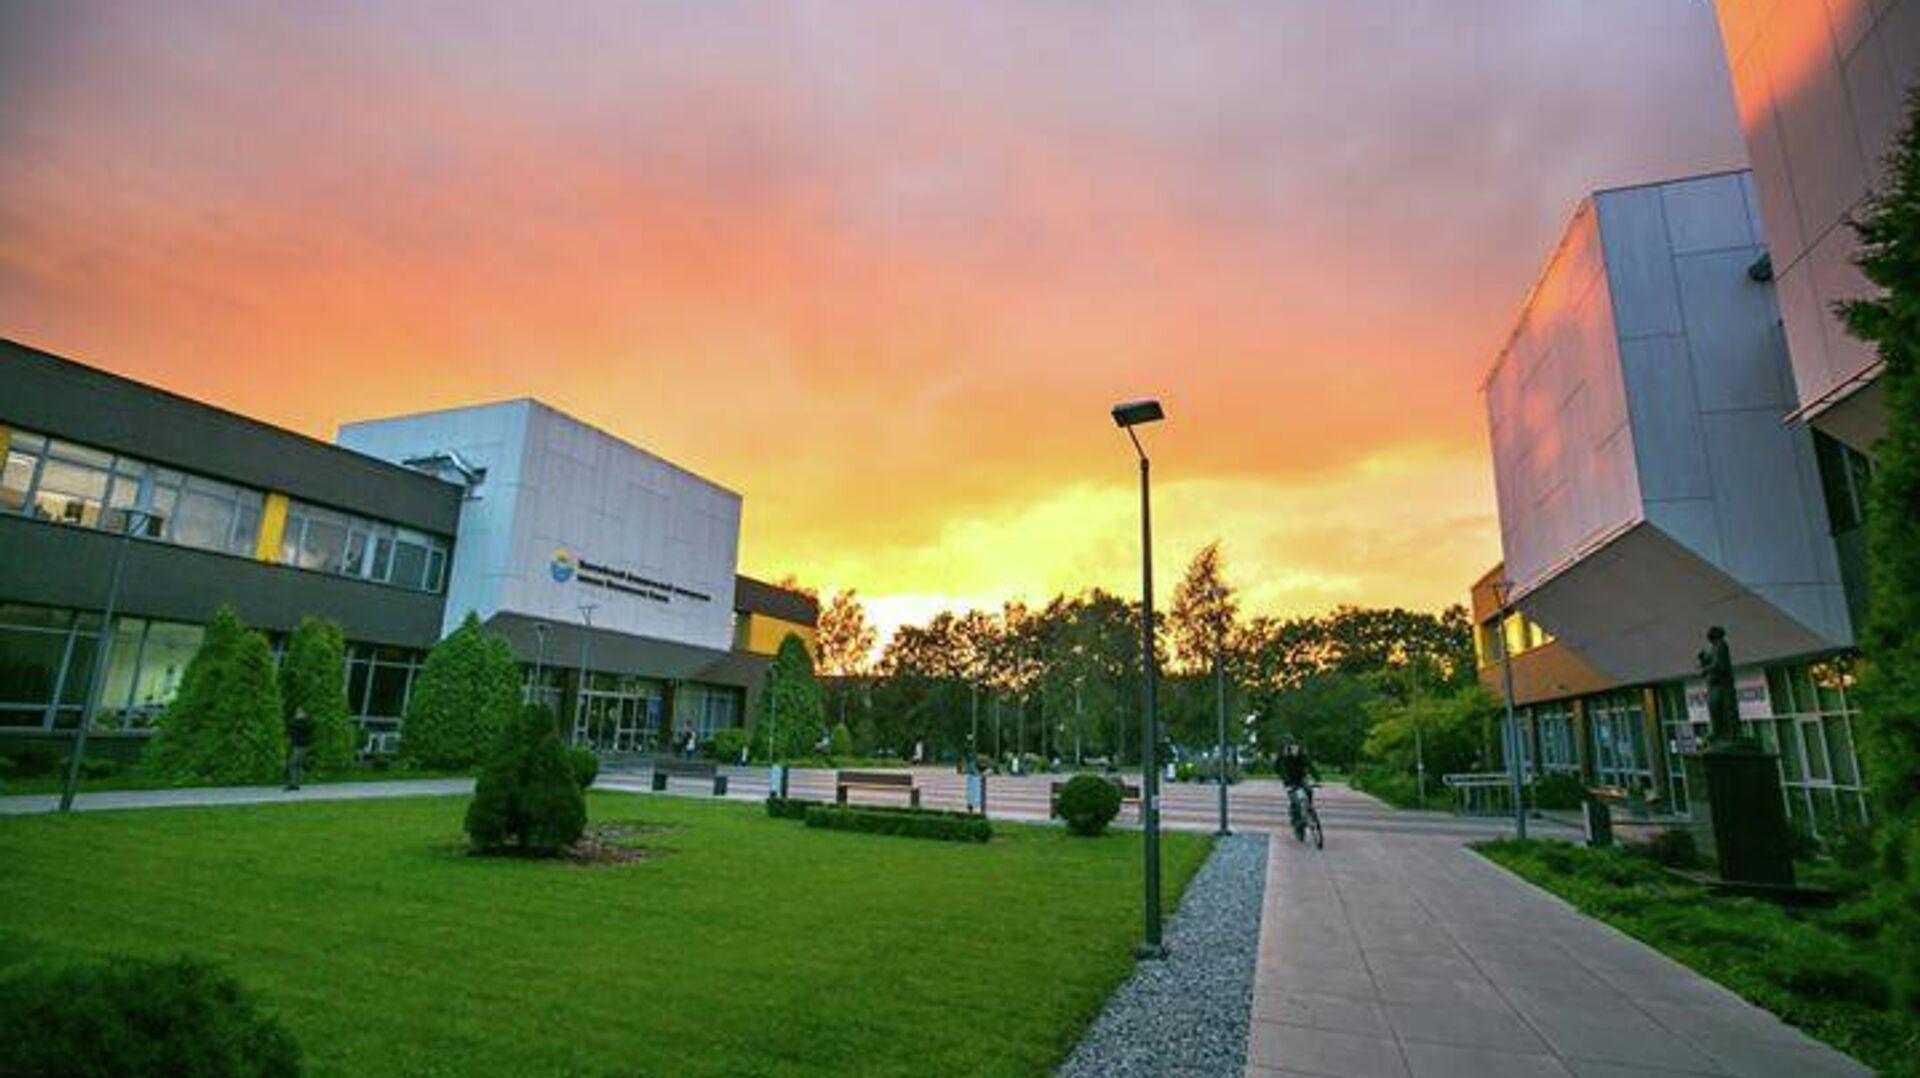 Балтийский федеральный университет имени Иммануила Канта - РИА Новости, 1920, 14.05.2021